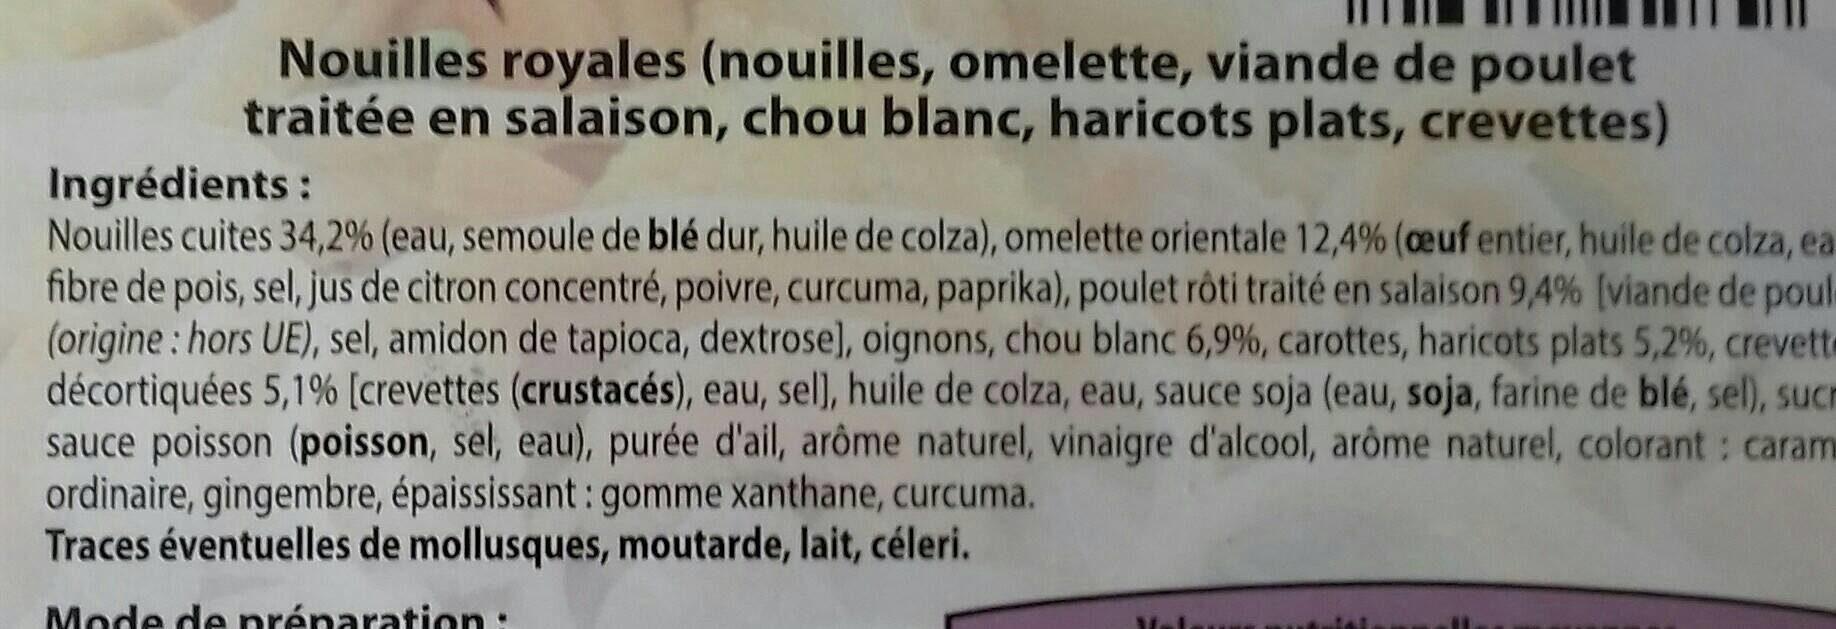 Code-barres invalide - Ingrédients - fr